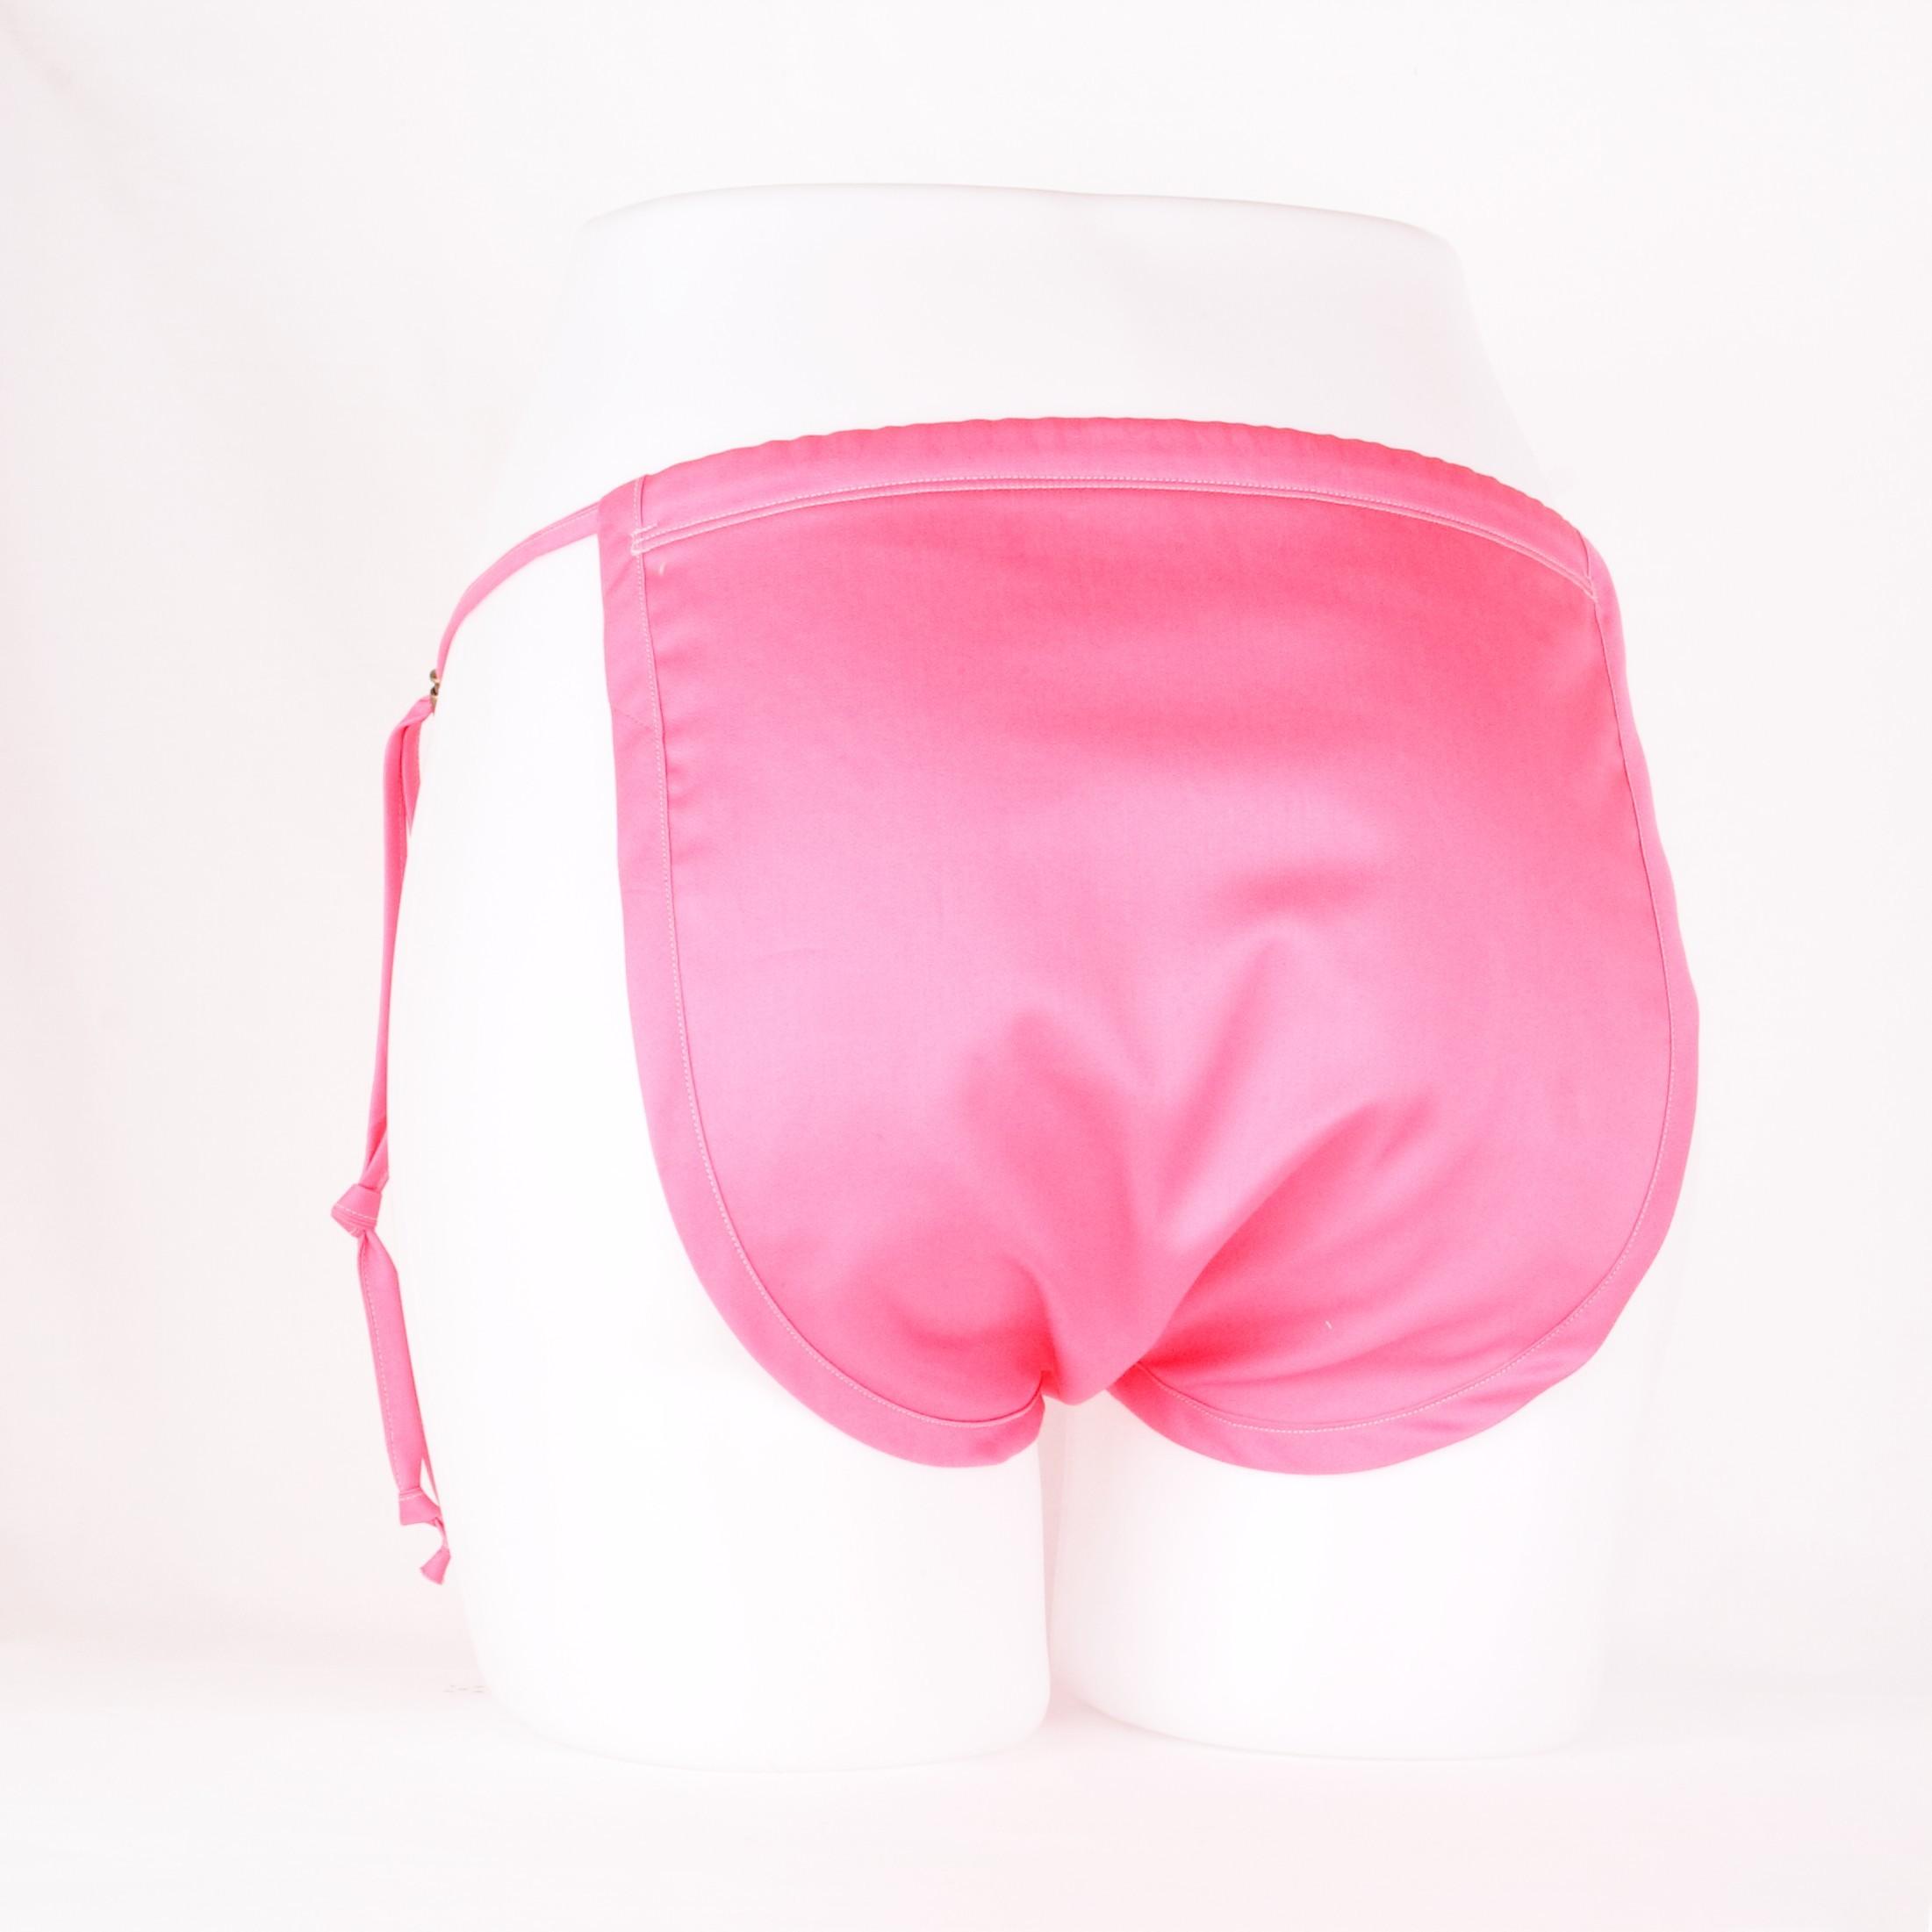 ゴムフリーパンツプレミアム コットンサテン ピンク サイズ:M~LL